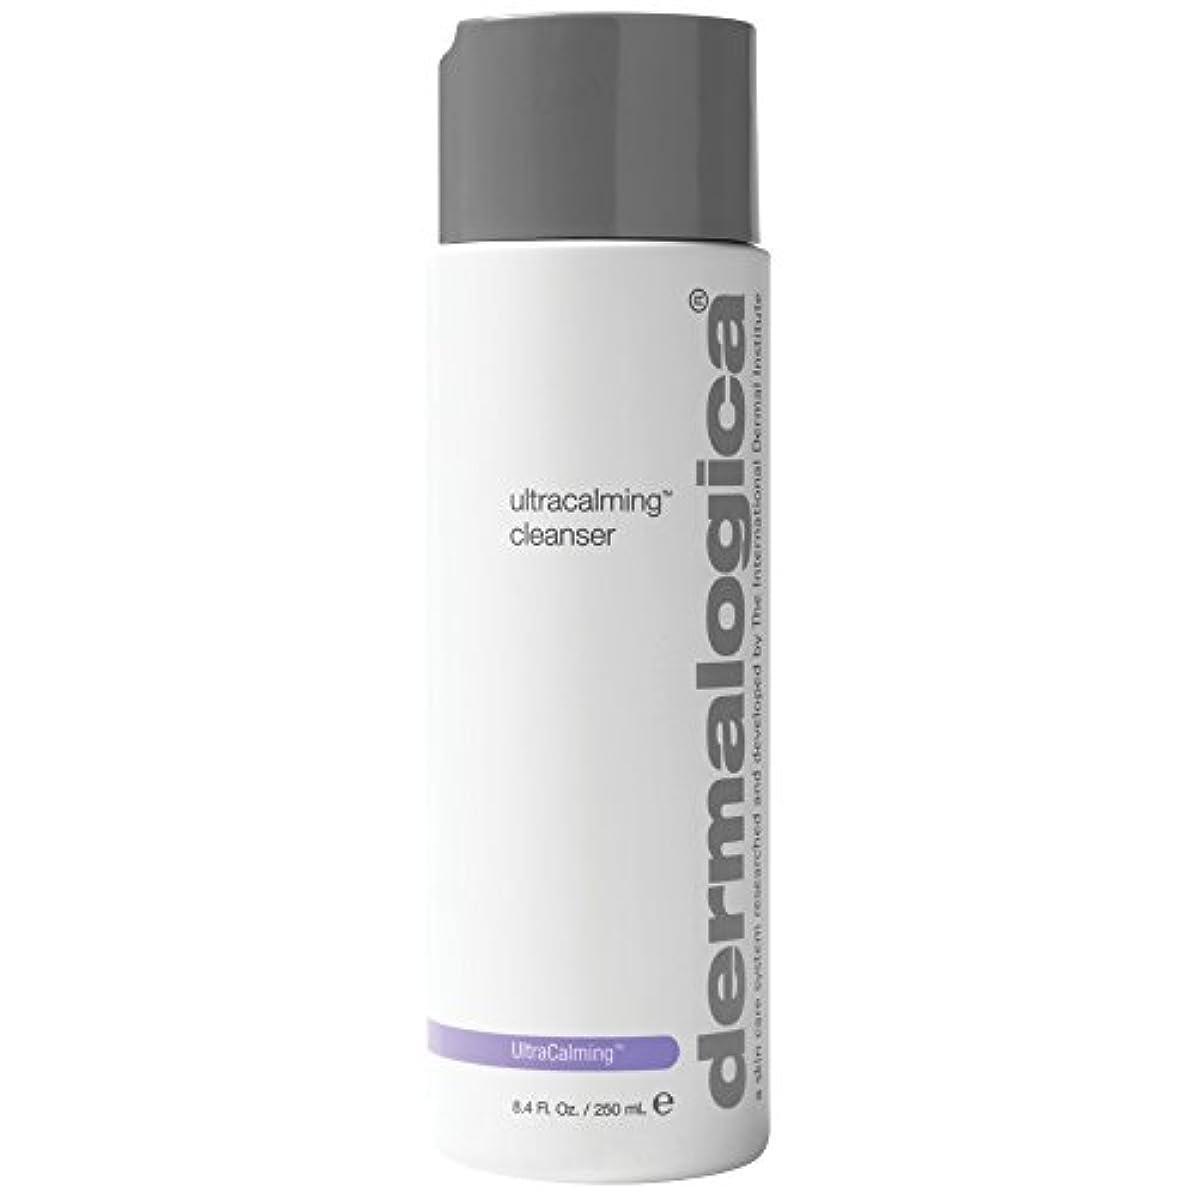 わずらわしい封筒永遠にダーマロジカUltracalming?クレンザーの250ミリリットル (Dermalogica) (x6) - Dermalogica UltraCalming? Cleanser 250ml (Pack of 6) [...